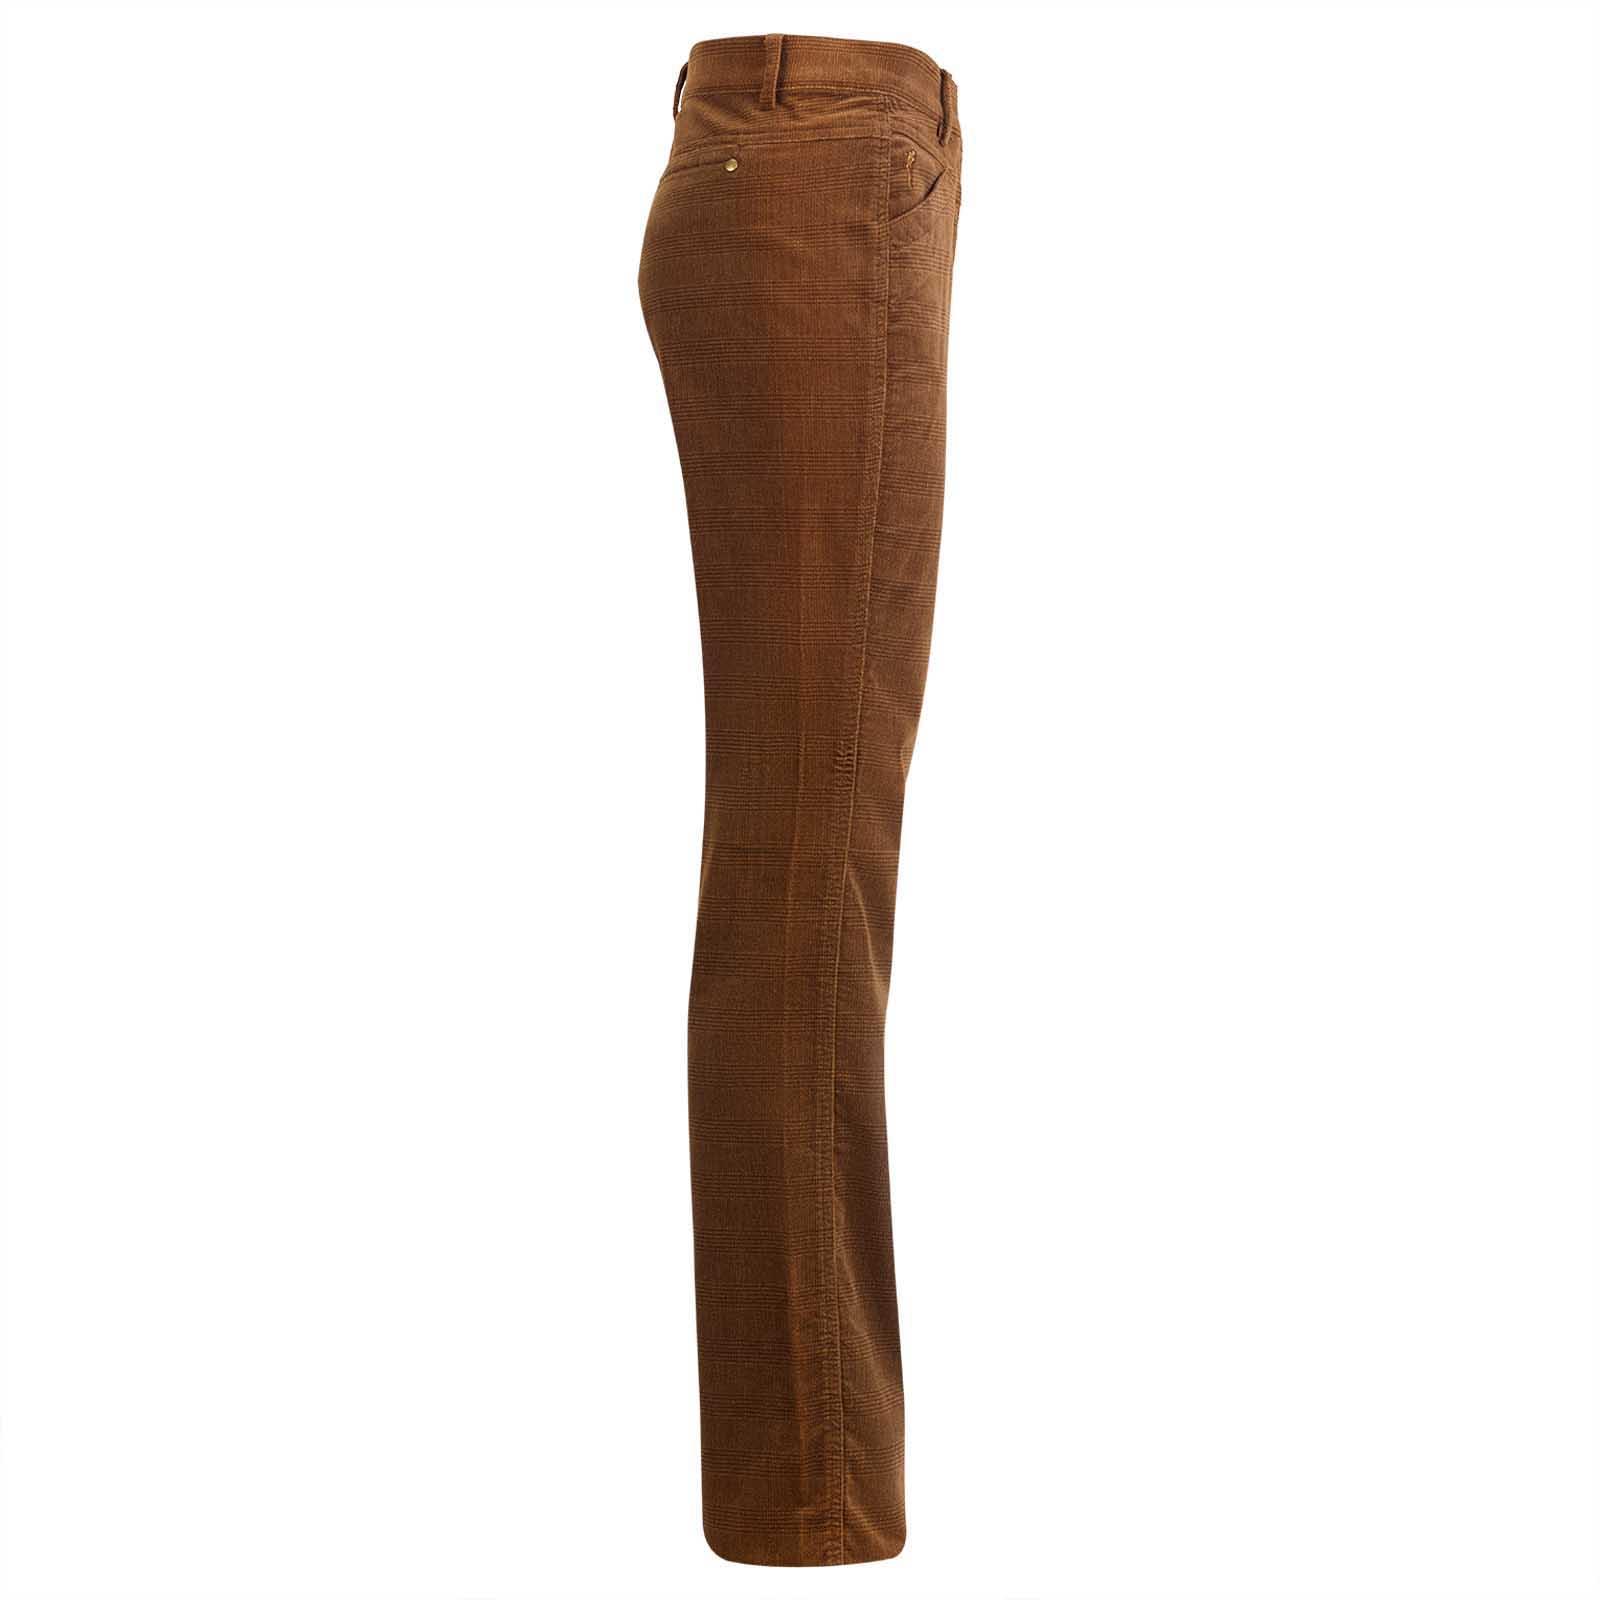 Gerade geschnittene Damenhose aus hochwertigem Stretch-Samt in Karo-Optik